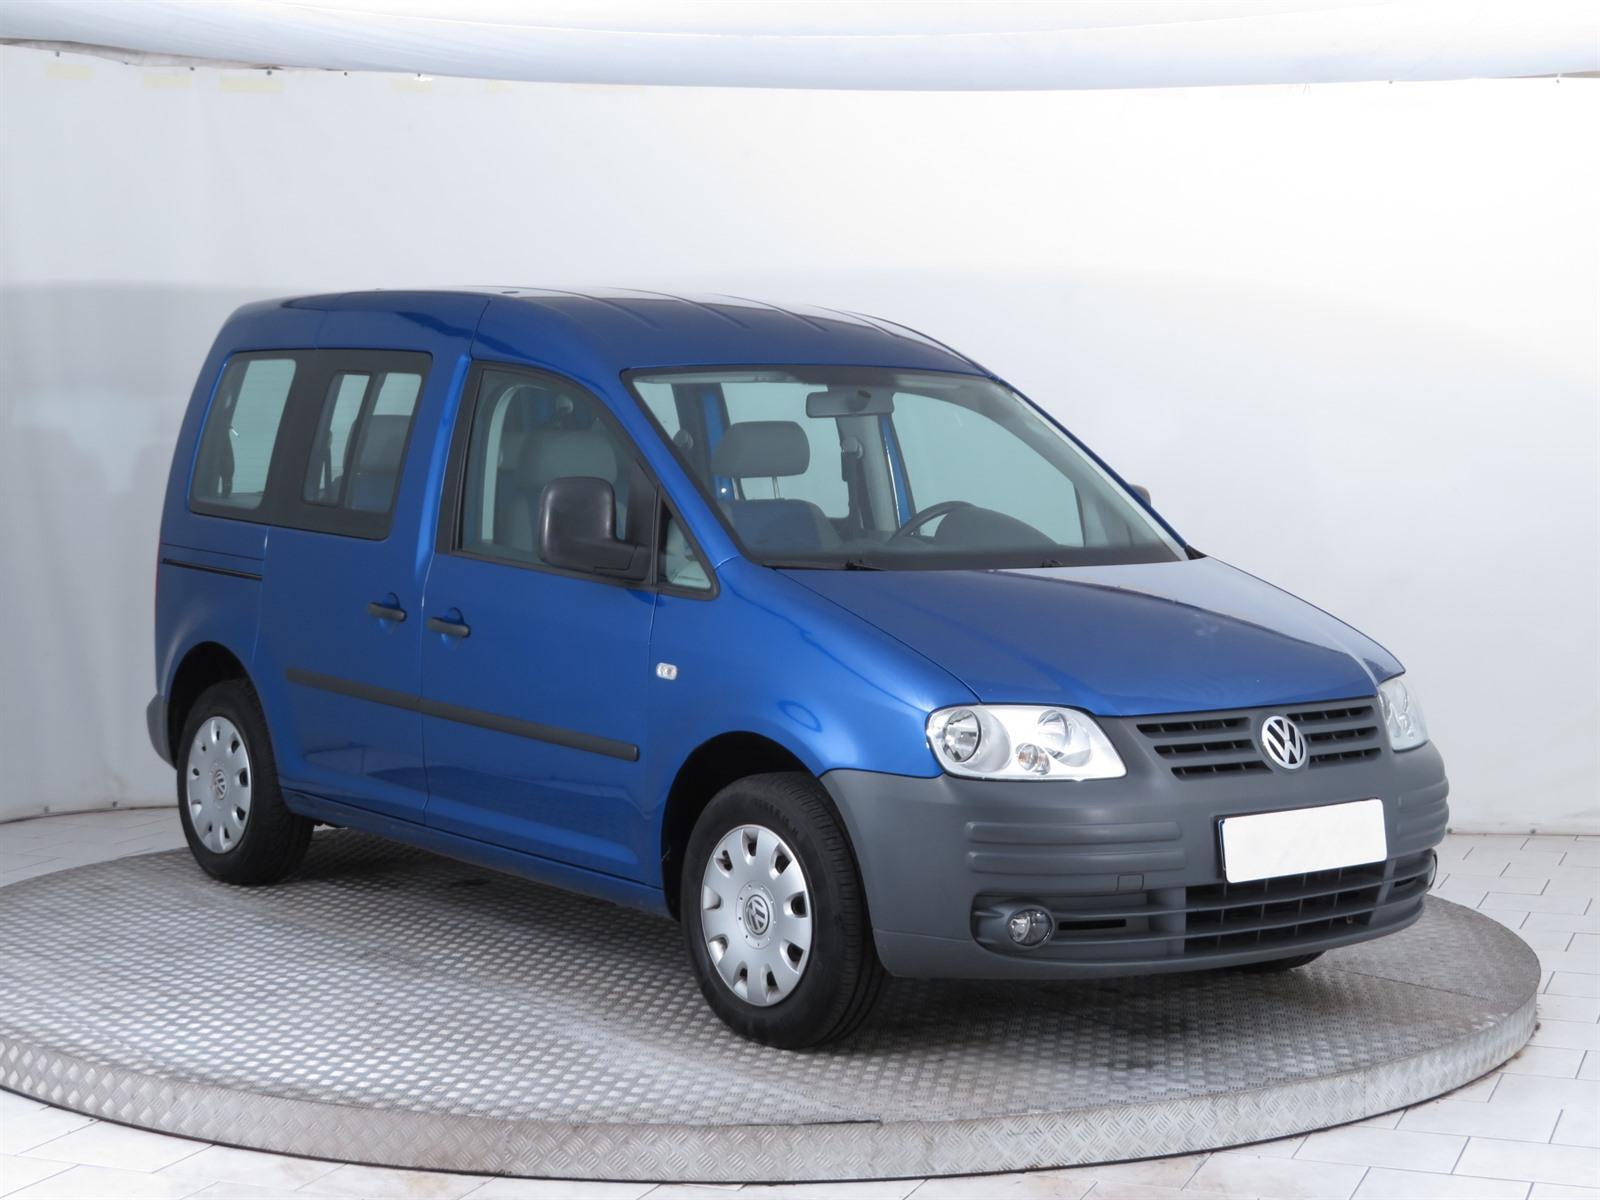 Volkswagen Caddy 1.6 75kW pick up benzin